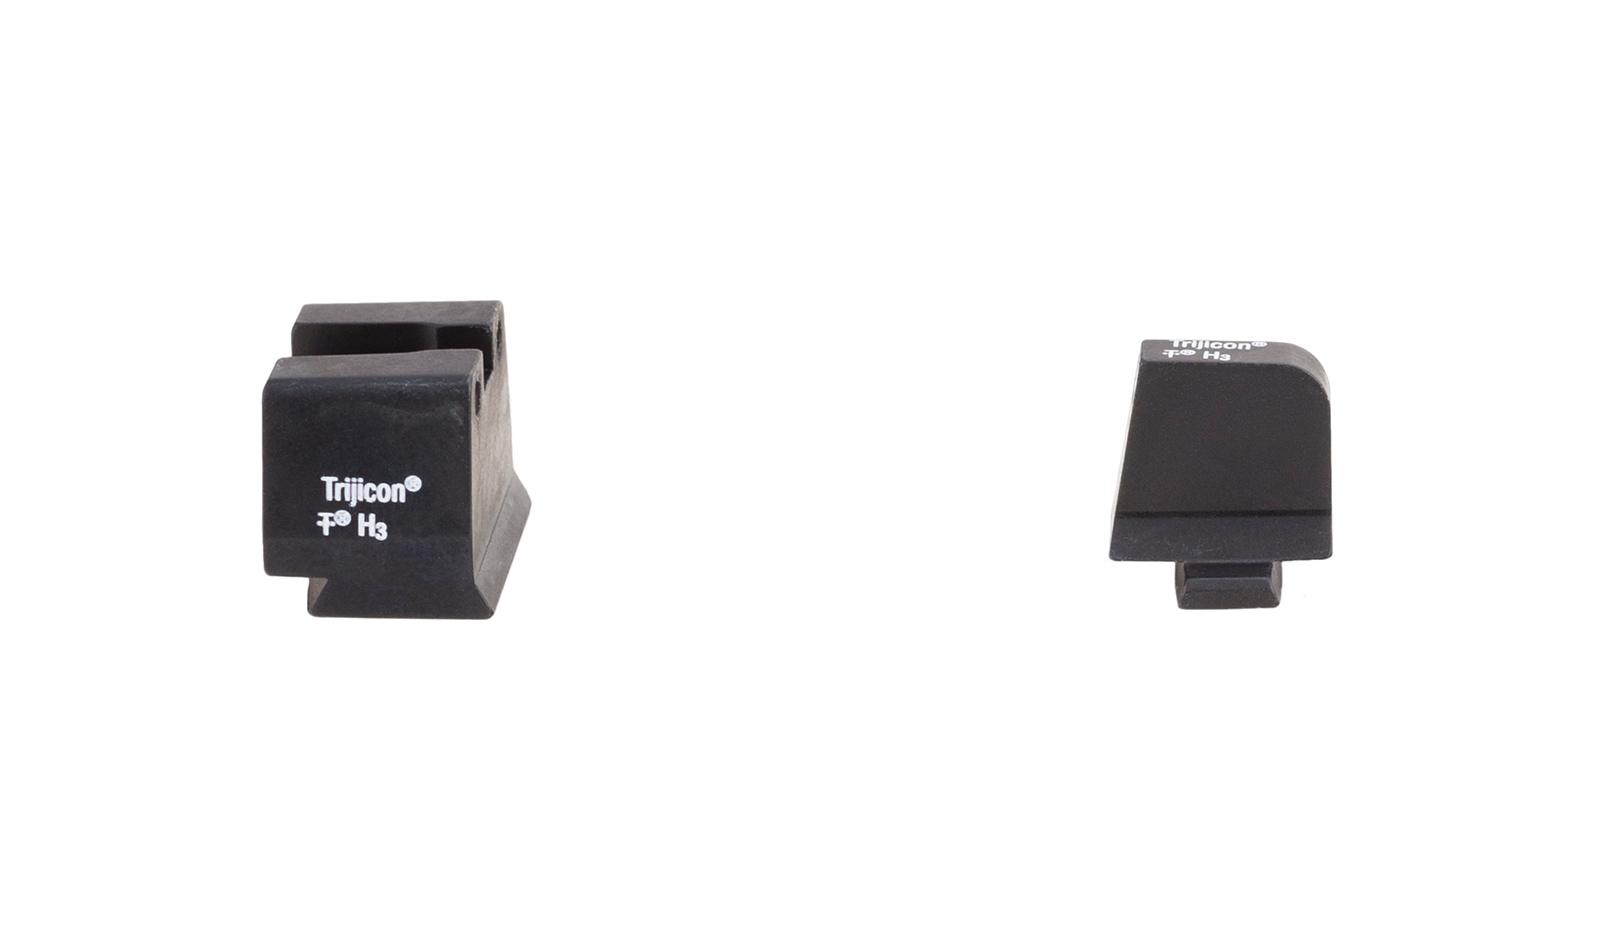 FN203-C-600942 angle 2